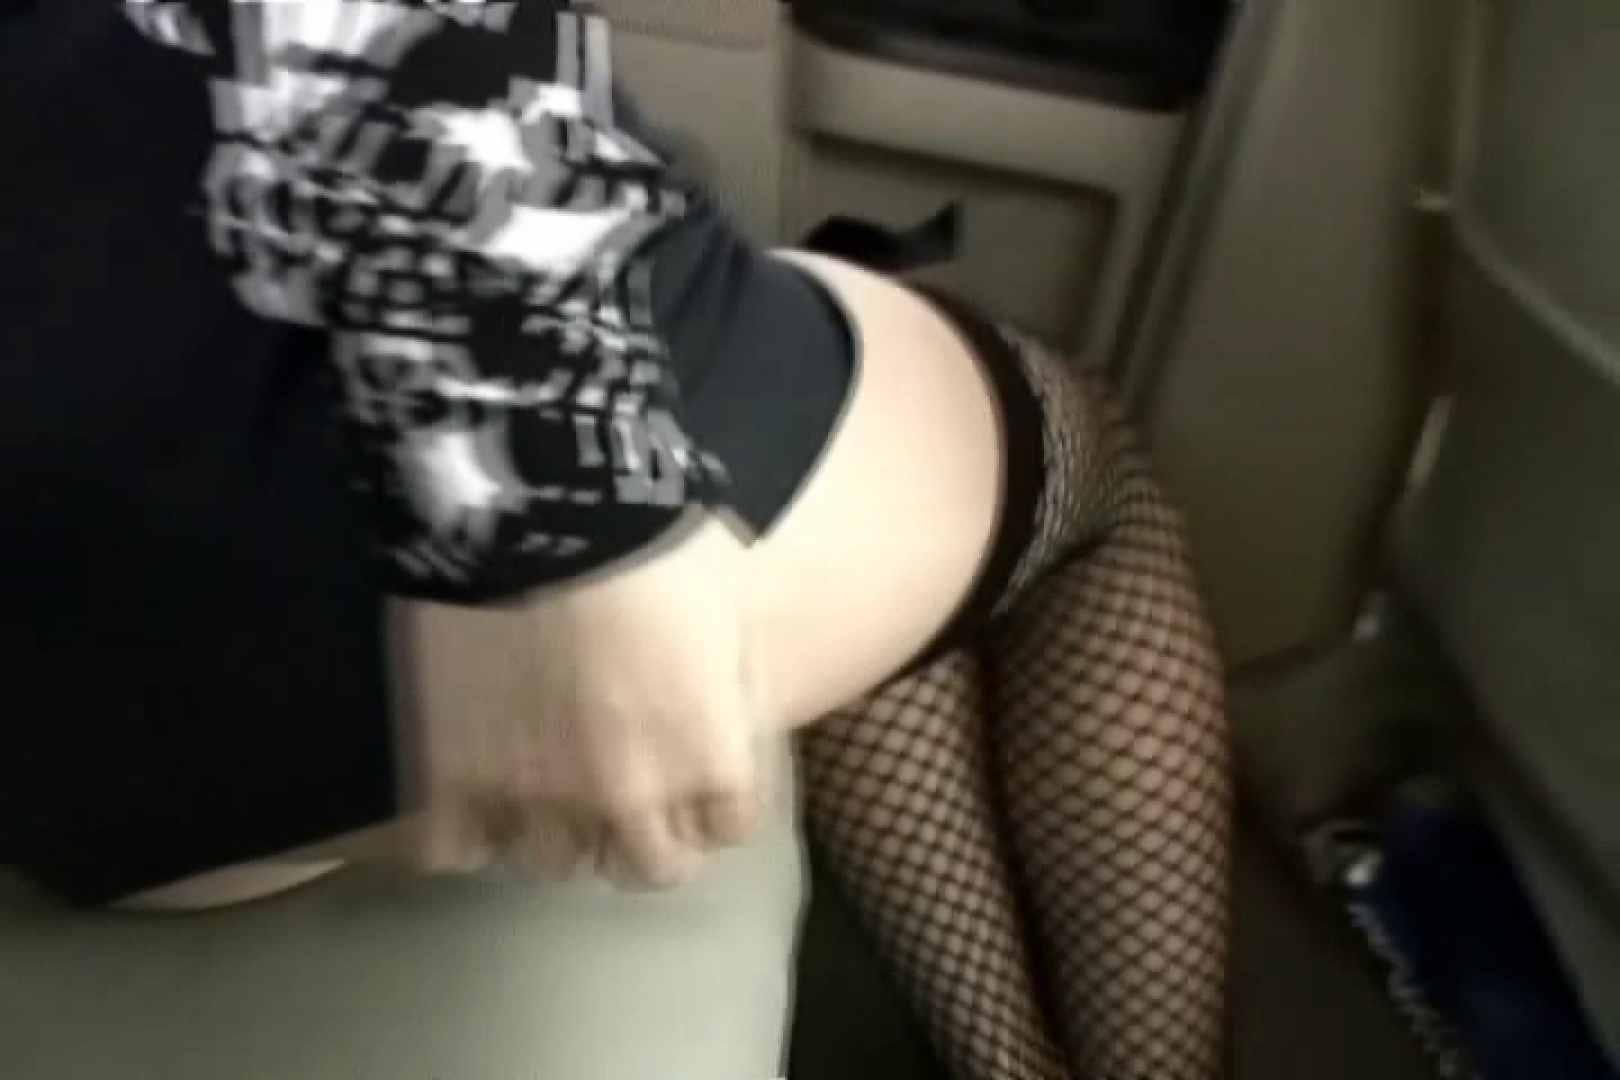 ハイビジョンパンチラ オッテQさんの追跡パンチラ制服女子編Vol.04 追跡   パンチラ  60pic 57